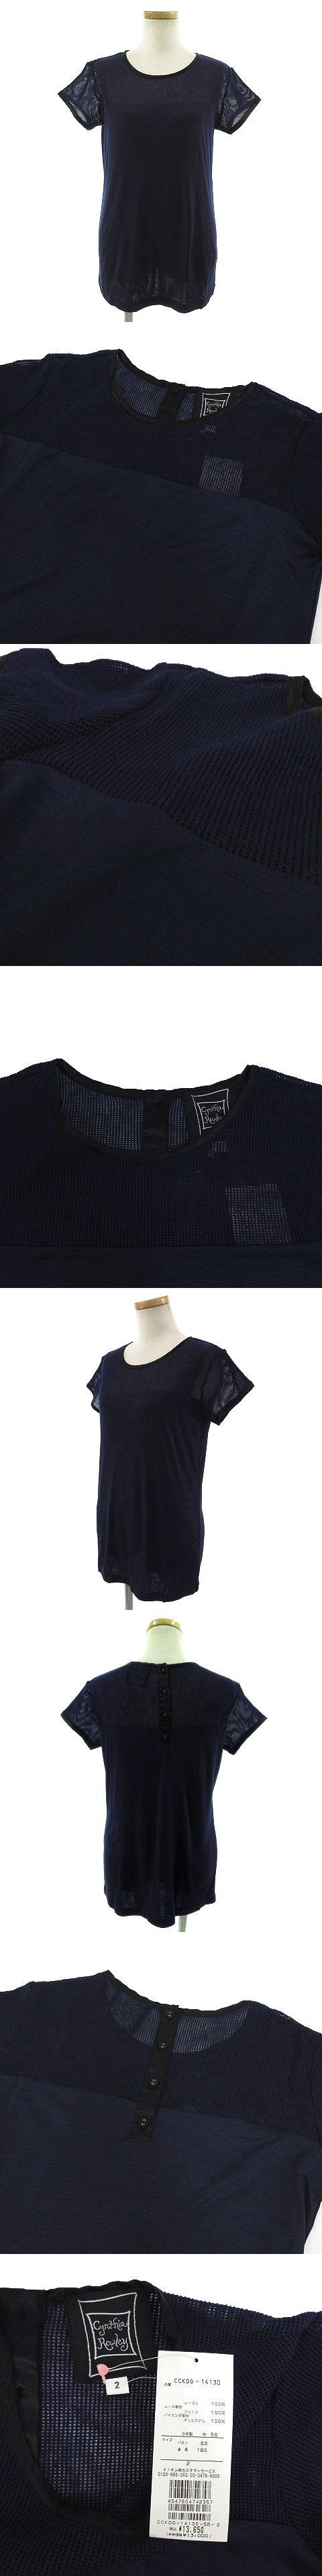 イトキン カットソー 半袖 切替 レース ネイビー 紺 ブラック 黒 2